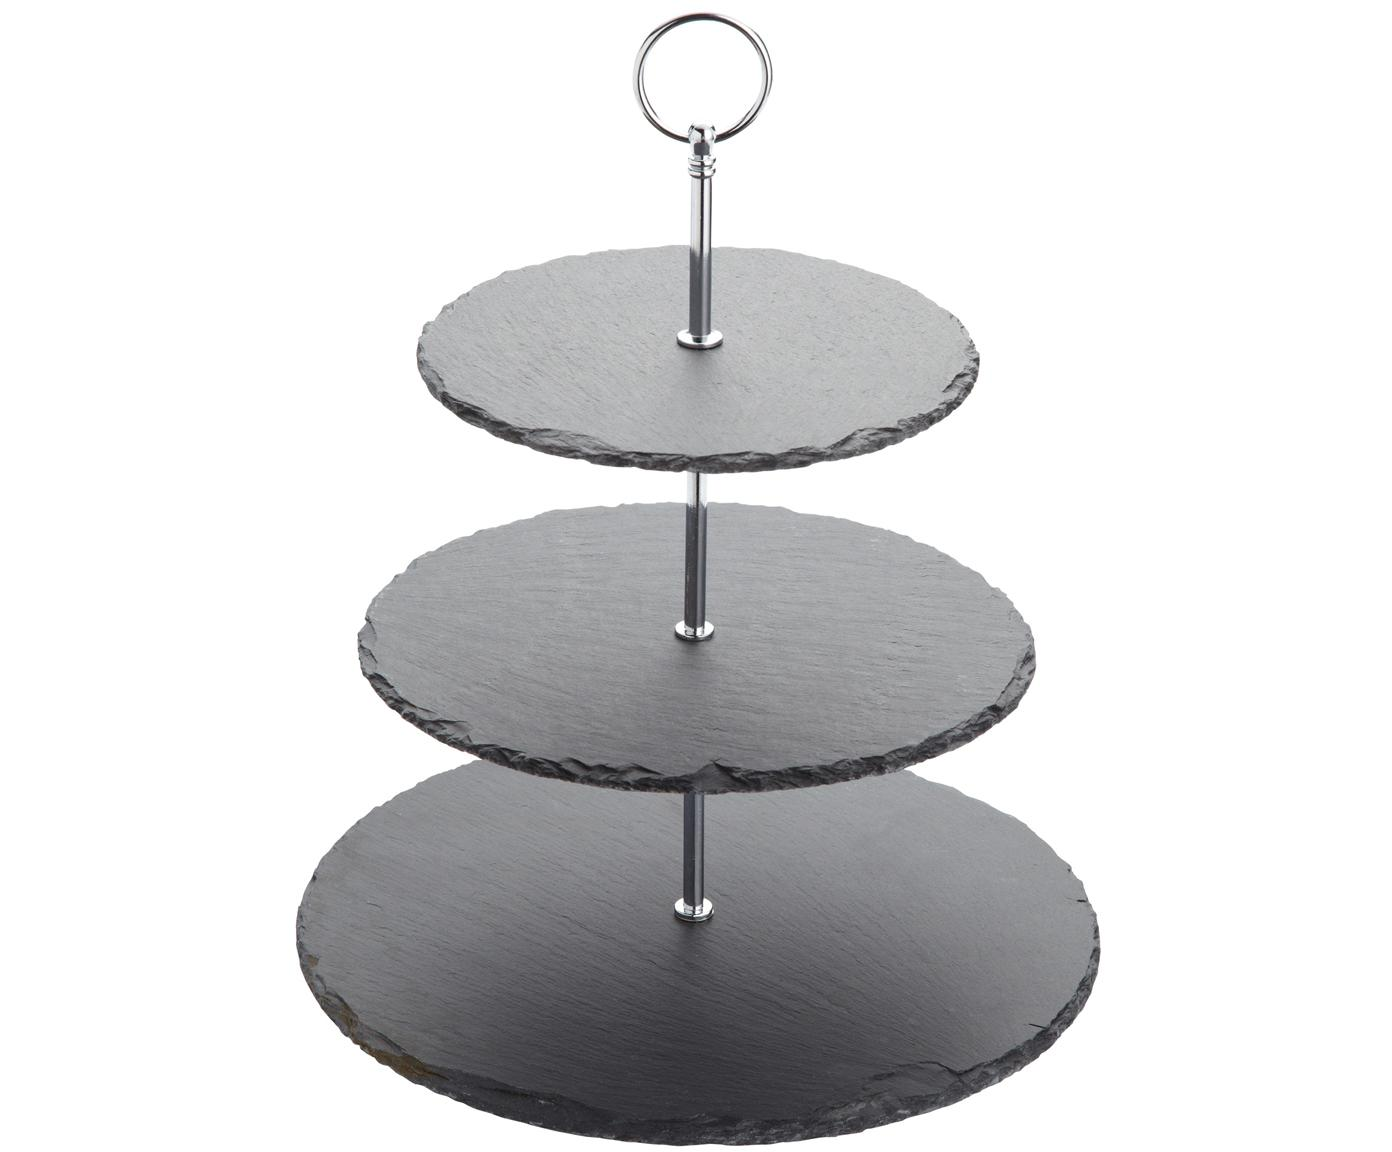 Etagere Cooper, Stange: Metall, verchromt, Schwarz, Chrom, Ø 30 x H 31 cm